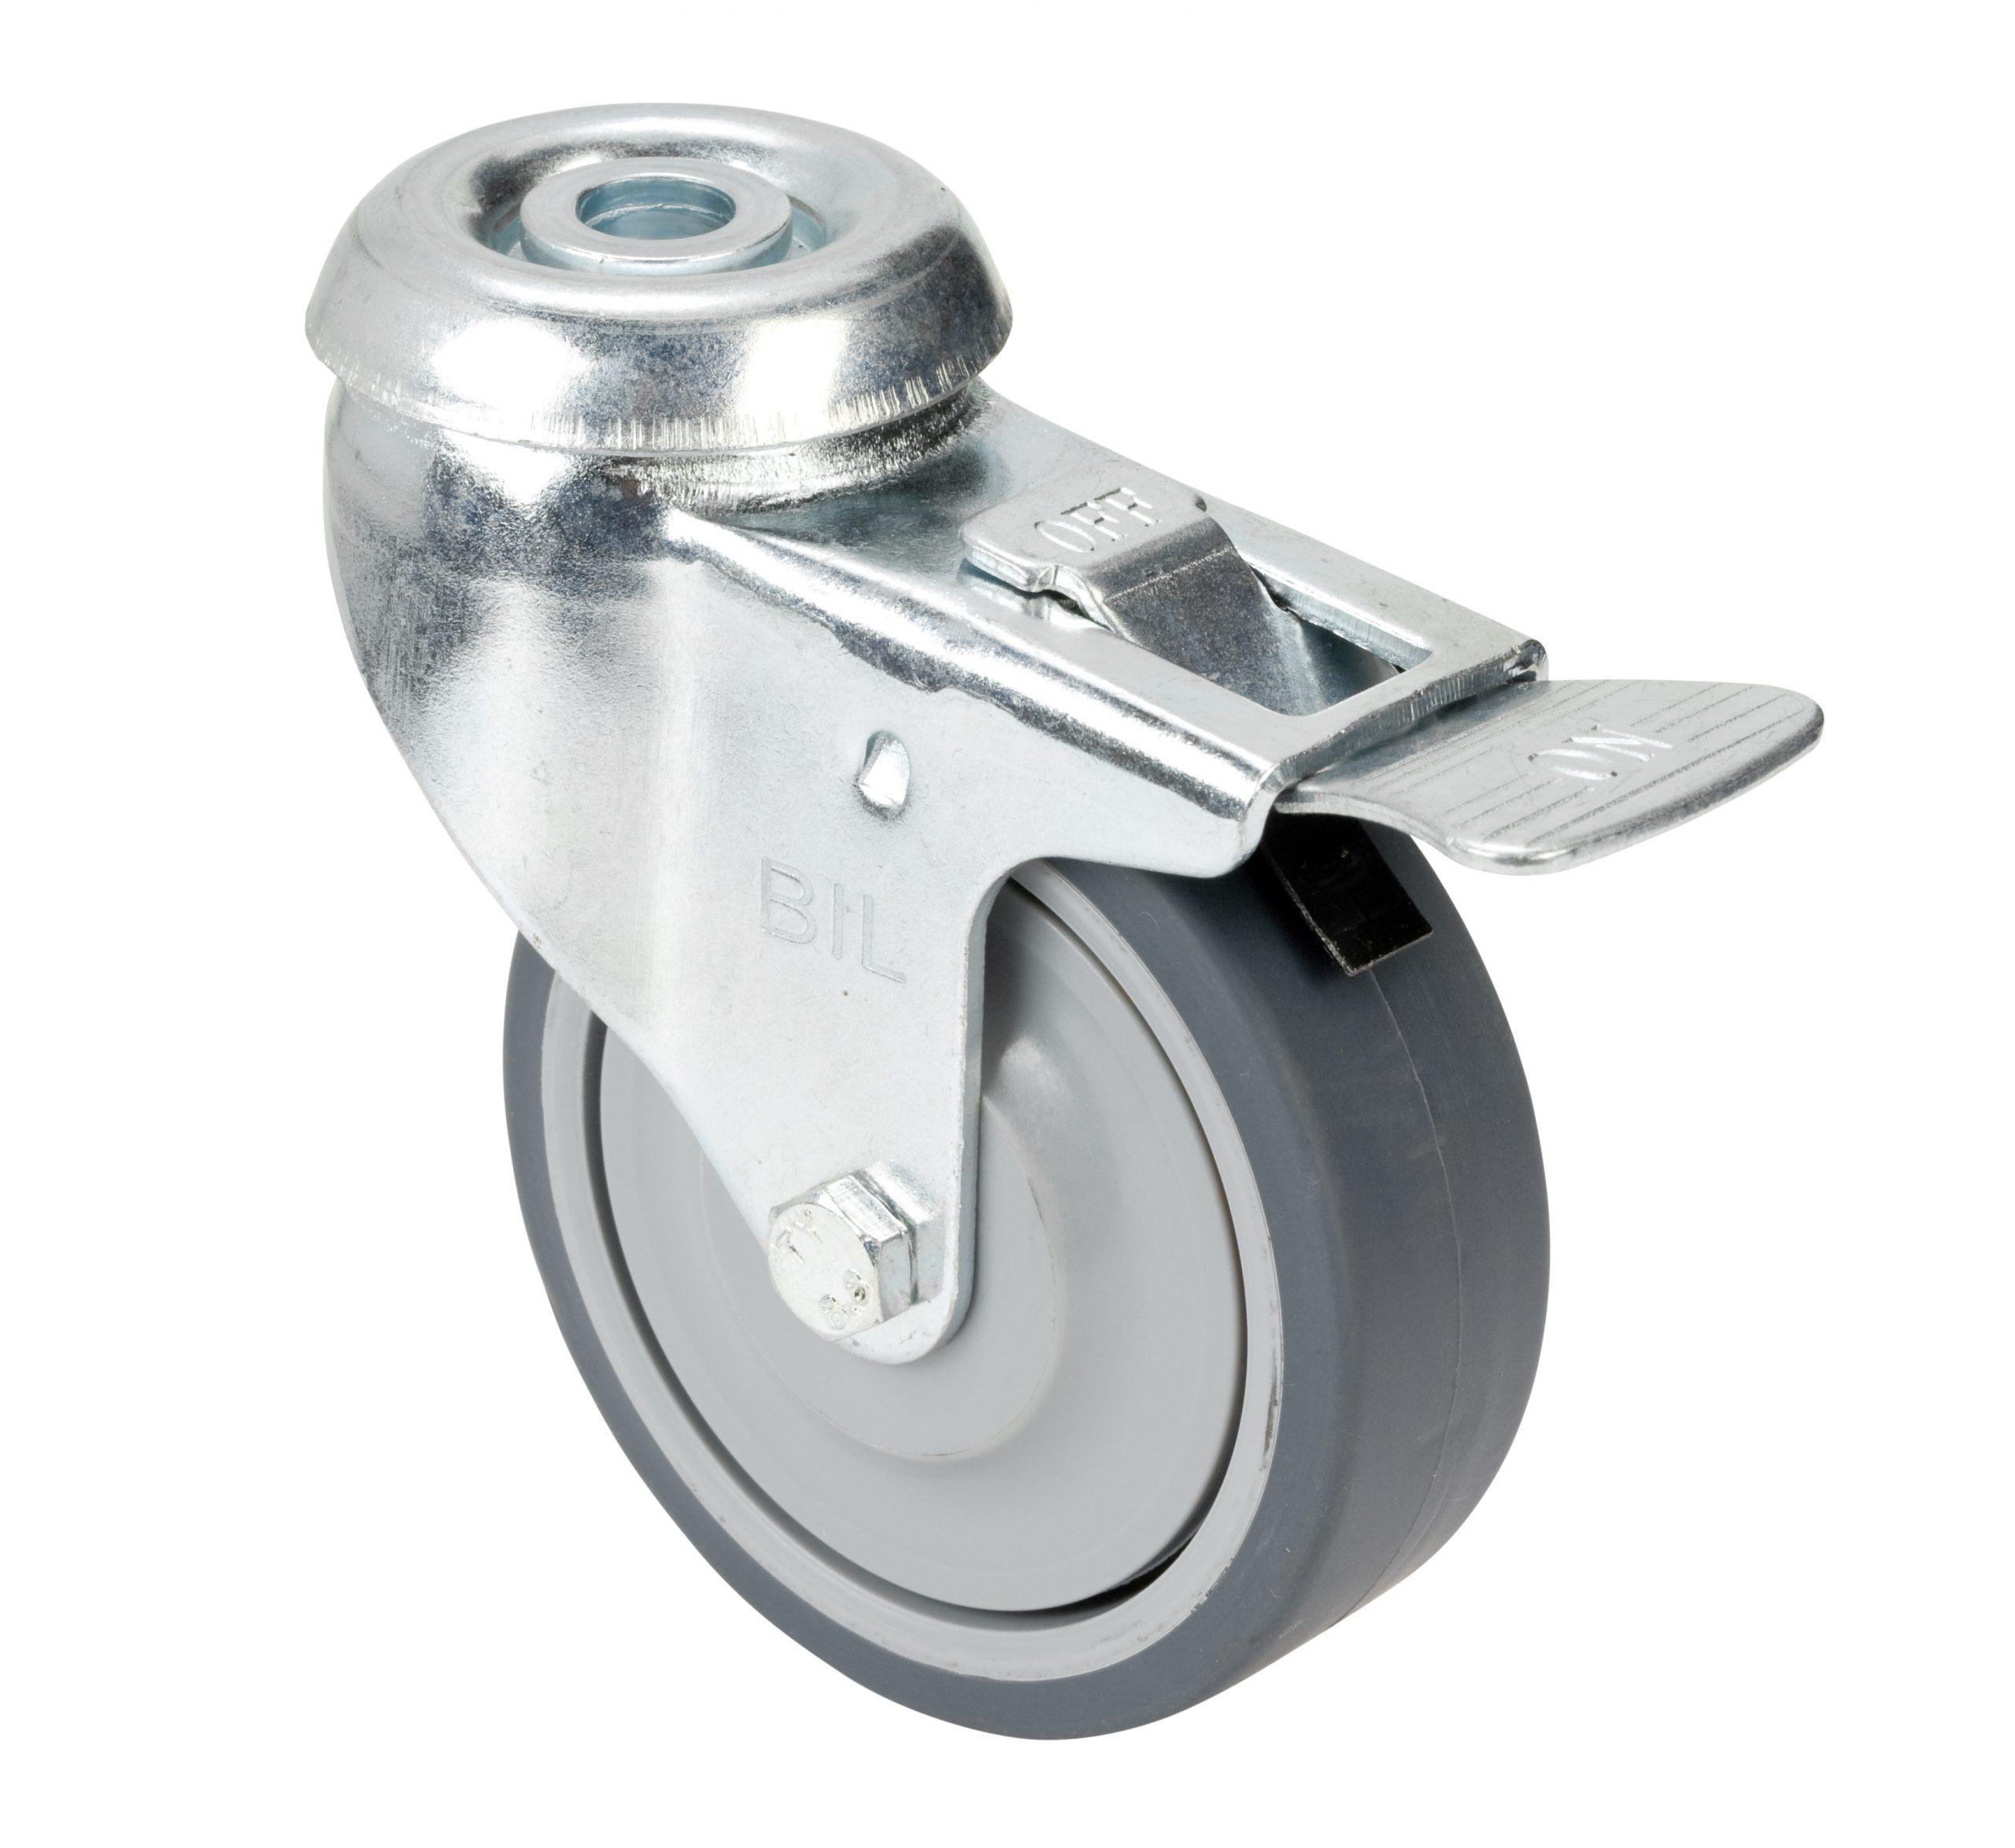 Castor – 75mm Toe-Braked